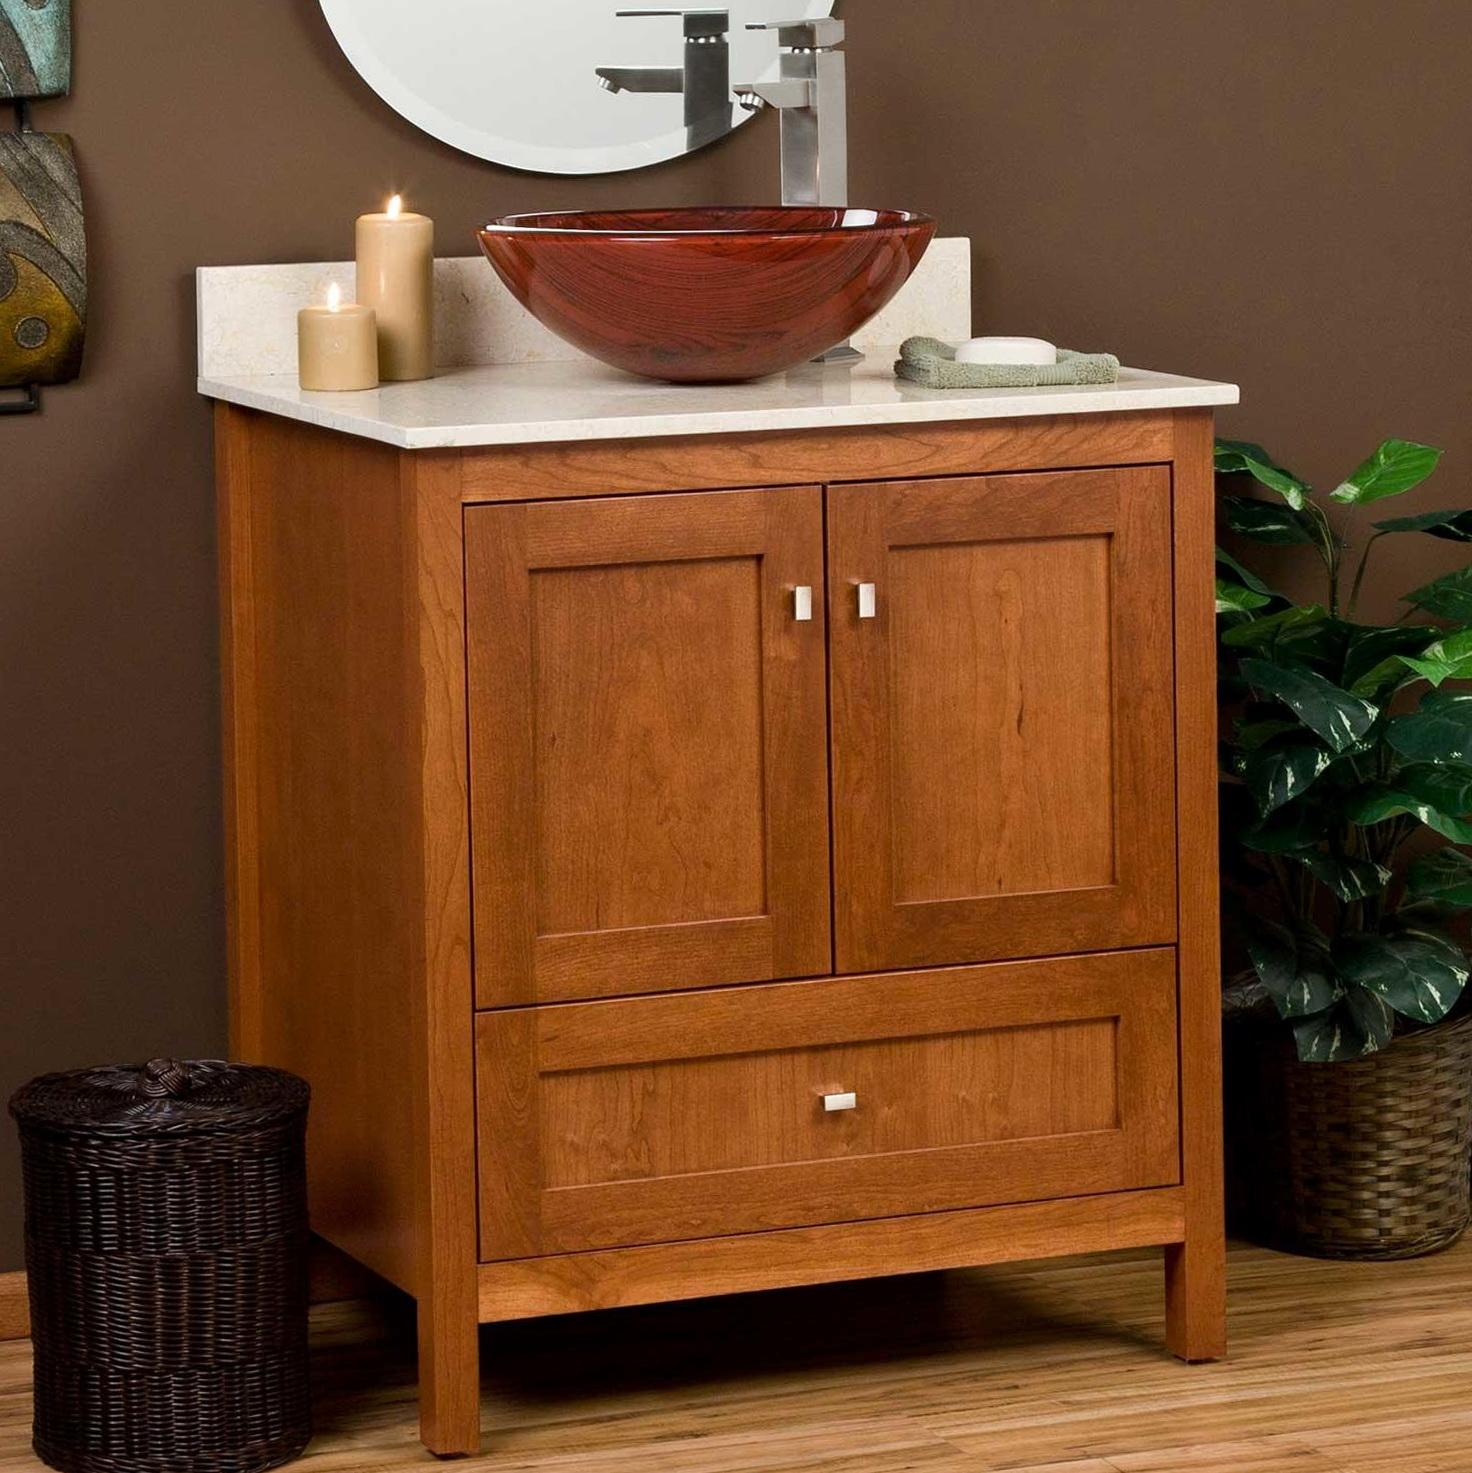 30 Inch Bathroom Vanity Vessel Sink 30 inch bathroom vanity vessel sink | home design ideas